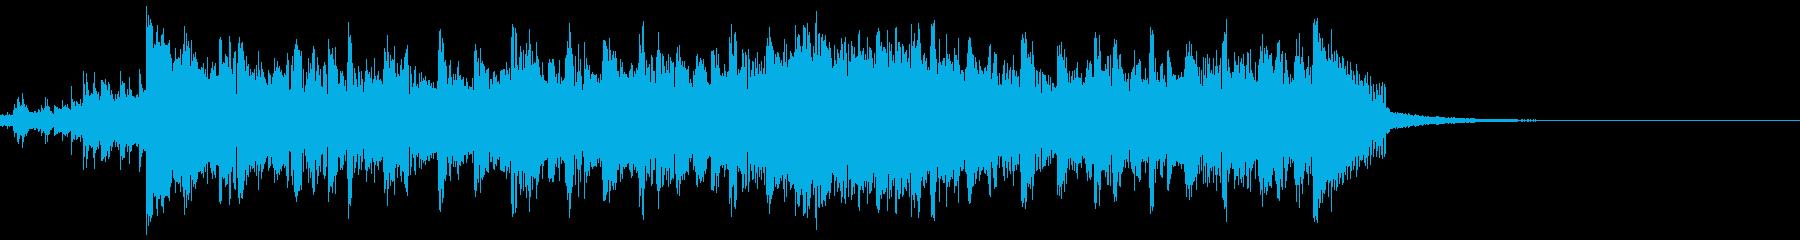 ネクストホライズンALT。混合の再生済みの波形